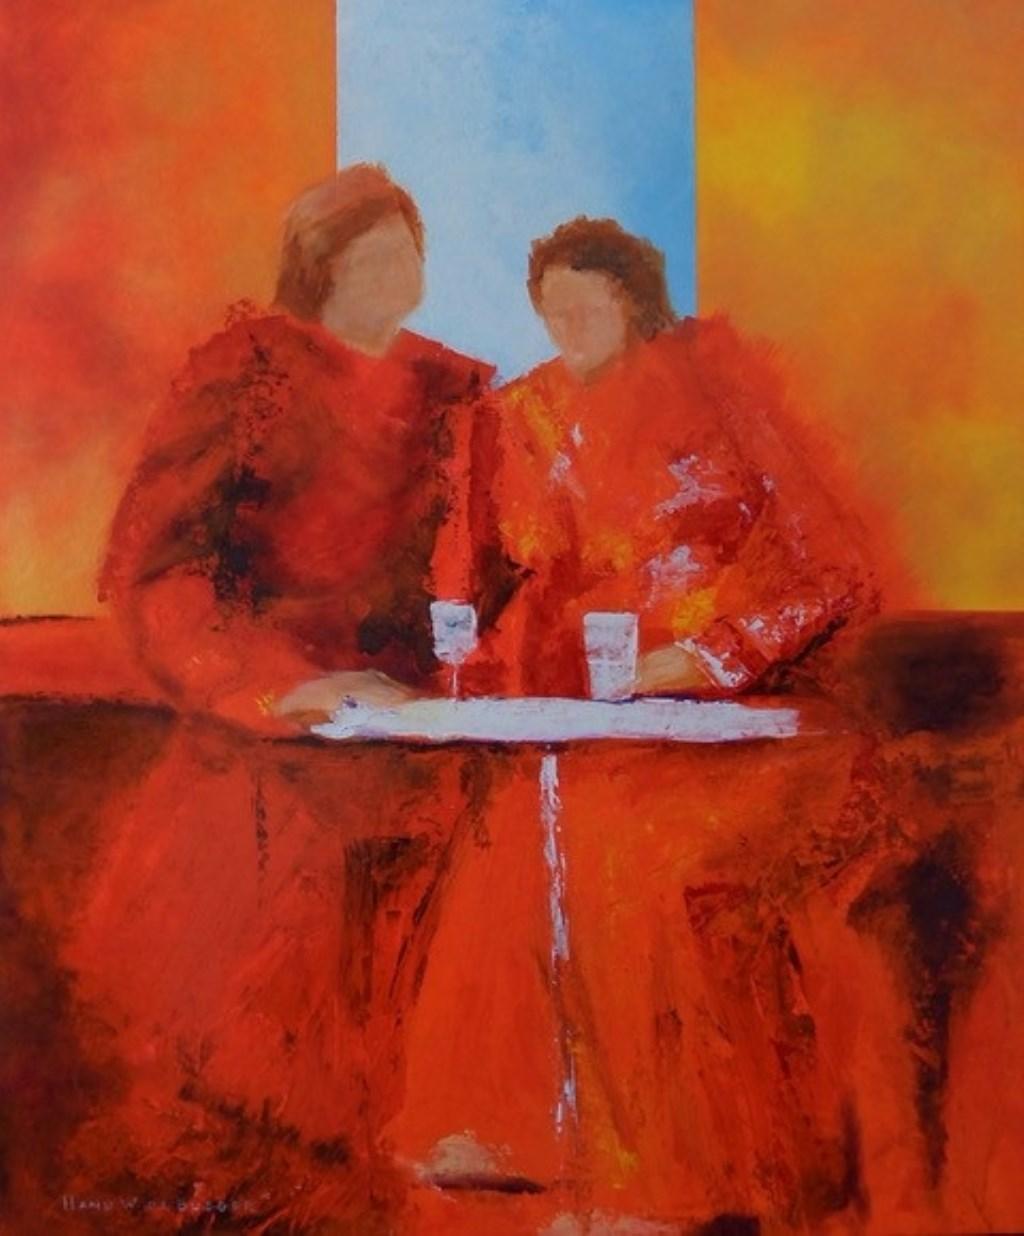 De schilderstijl van Hans de Bueger is divers en kleurrijk.